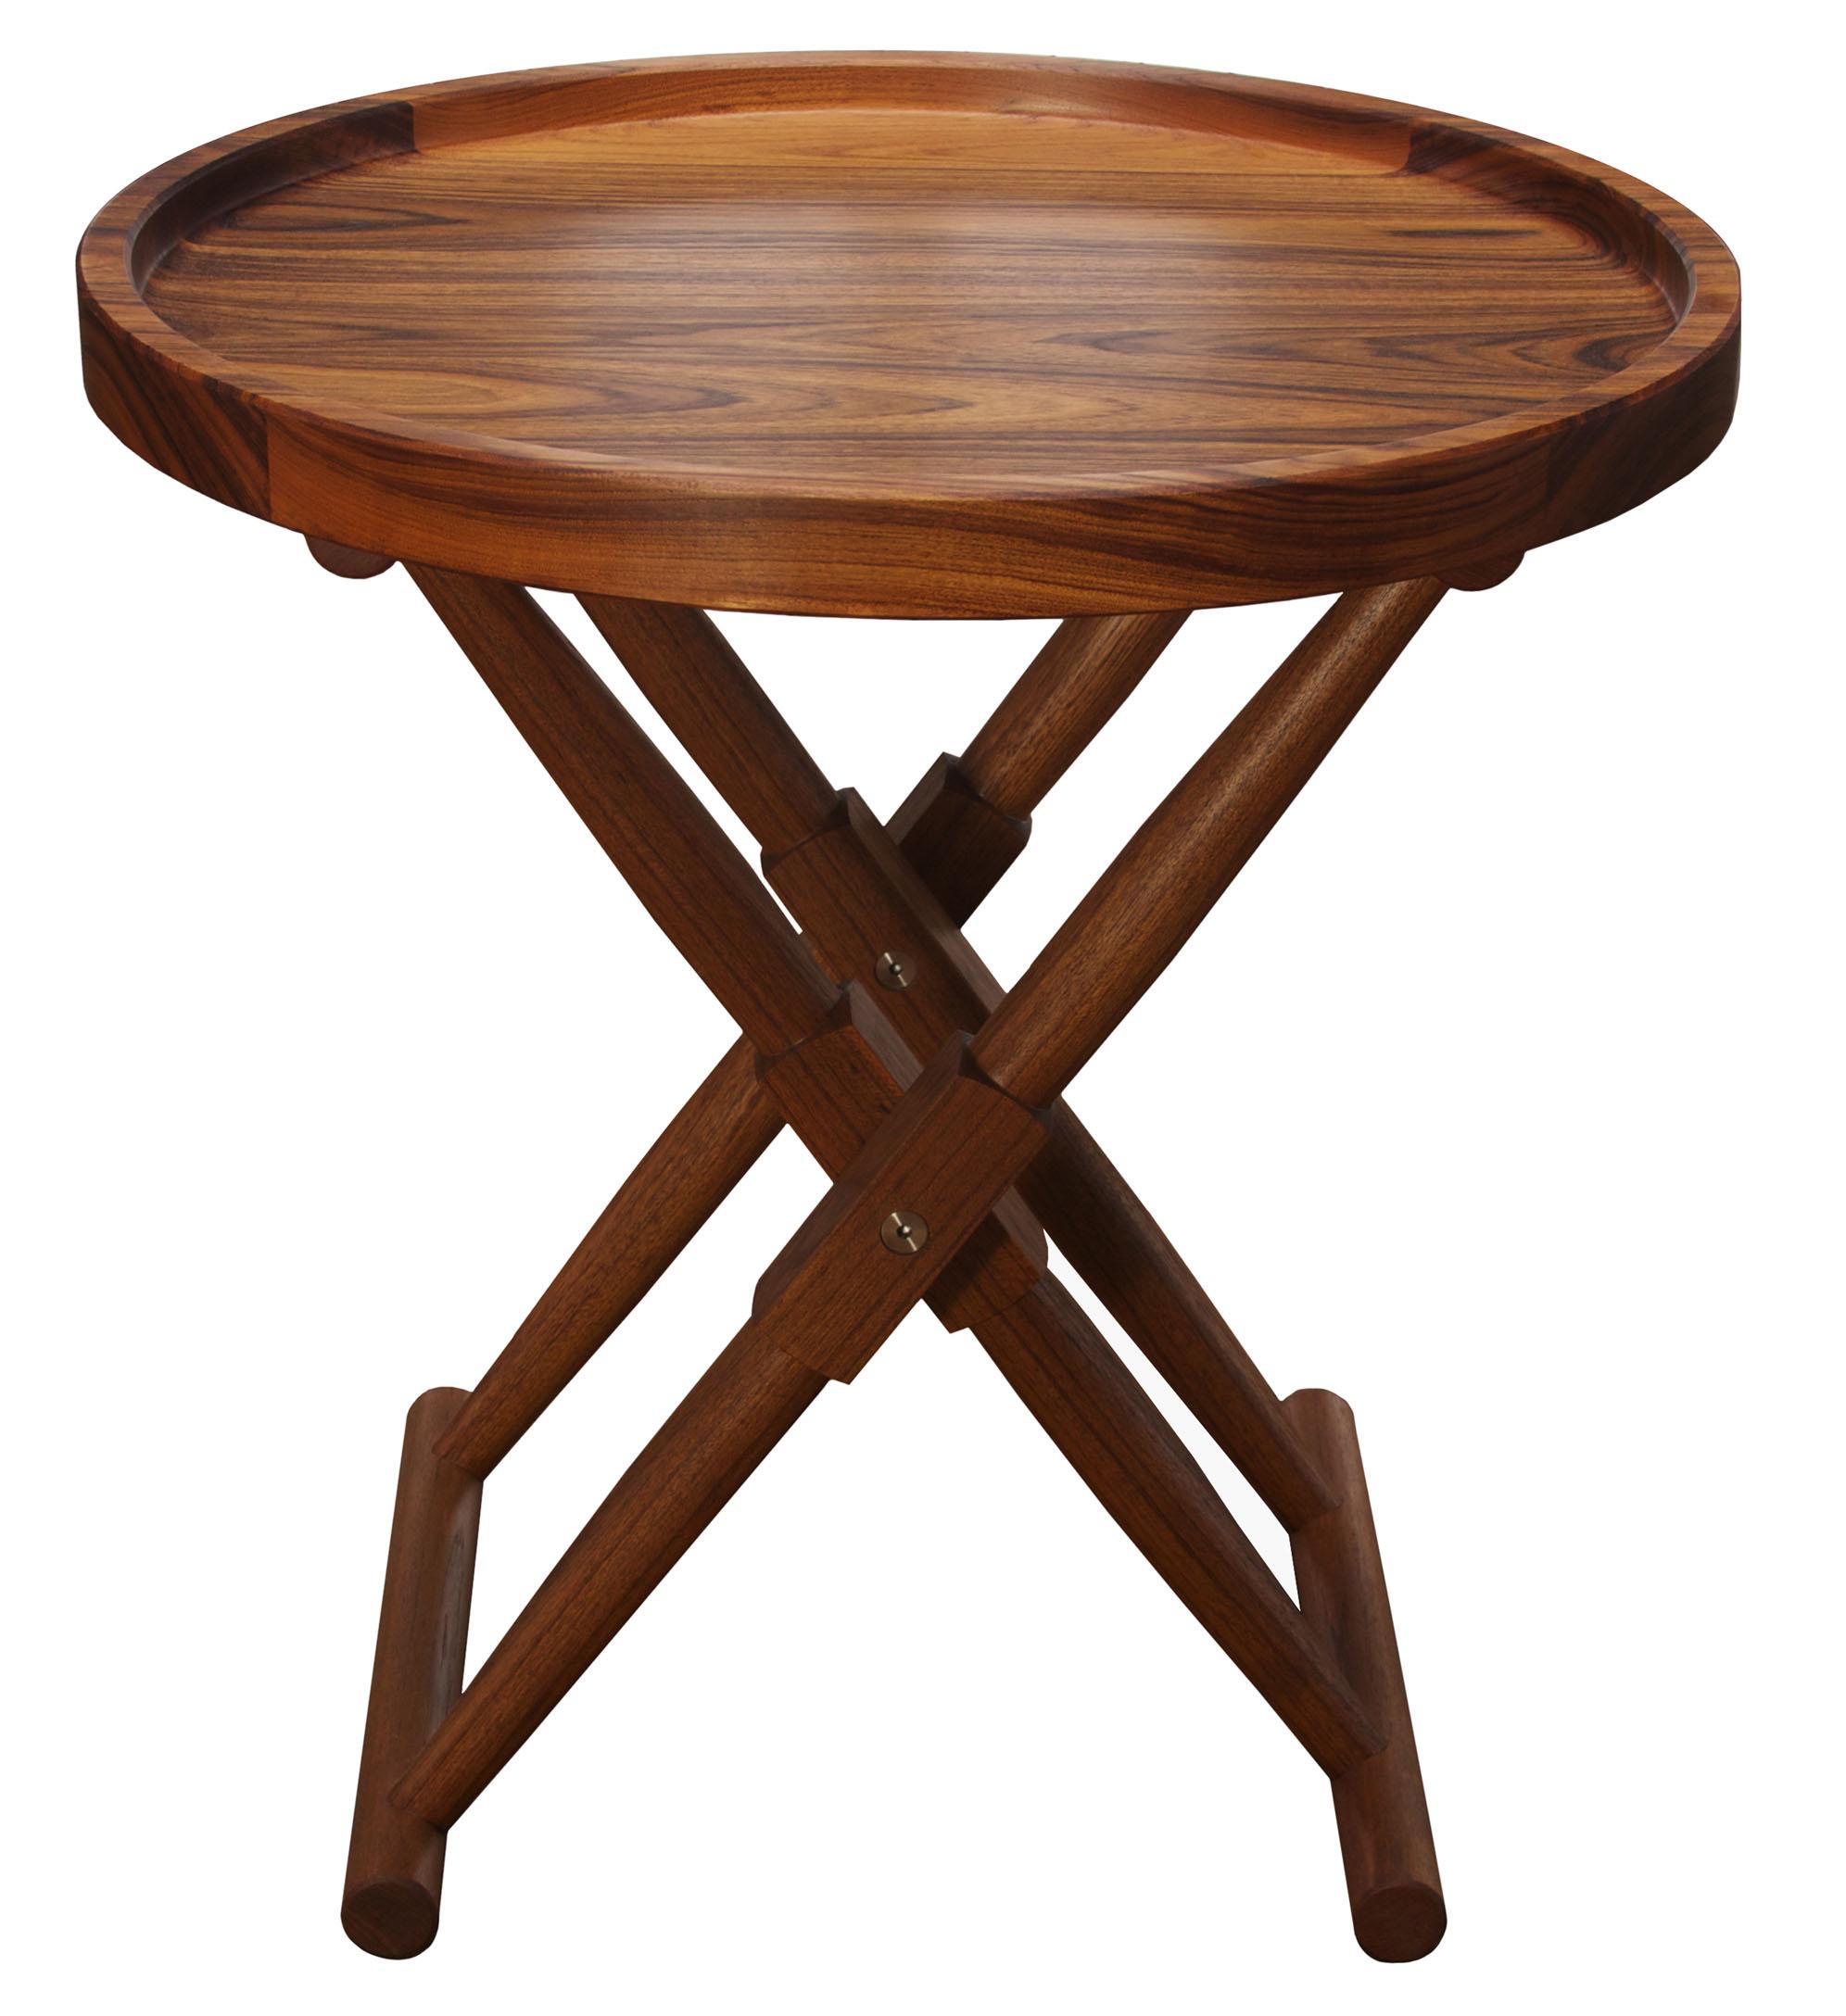 Matthiessen Round Tray Table